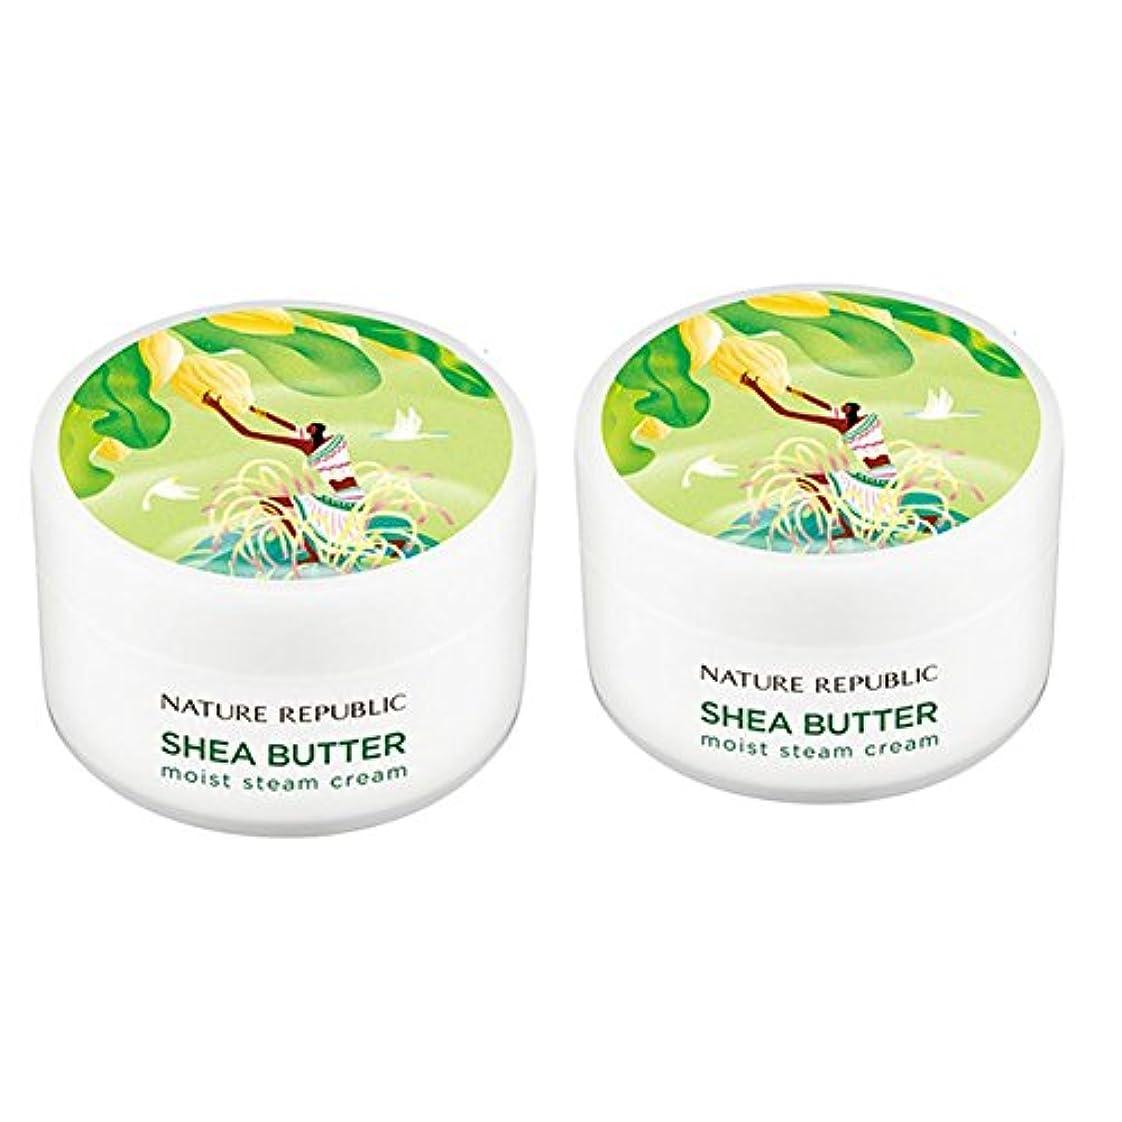 州郵便番号拳ネイチャーリパブリック(NATURE REPUBLIC)シェアバターモイストスチームクリーム100mlx 2本セット NATURE REPUBLIC Shea Butter Moist Steam Cream 100mlx...